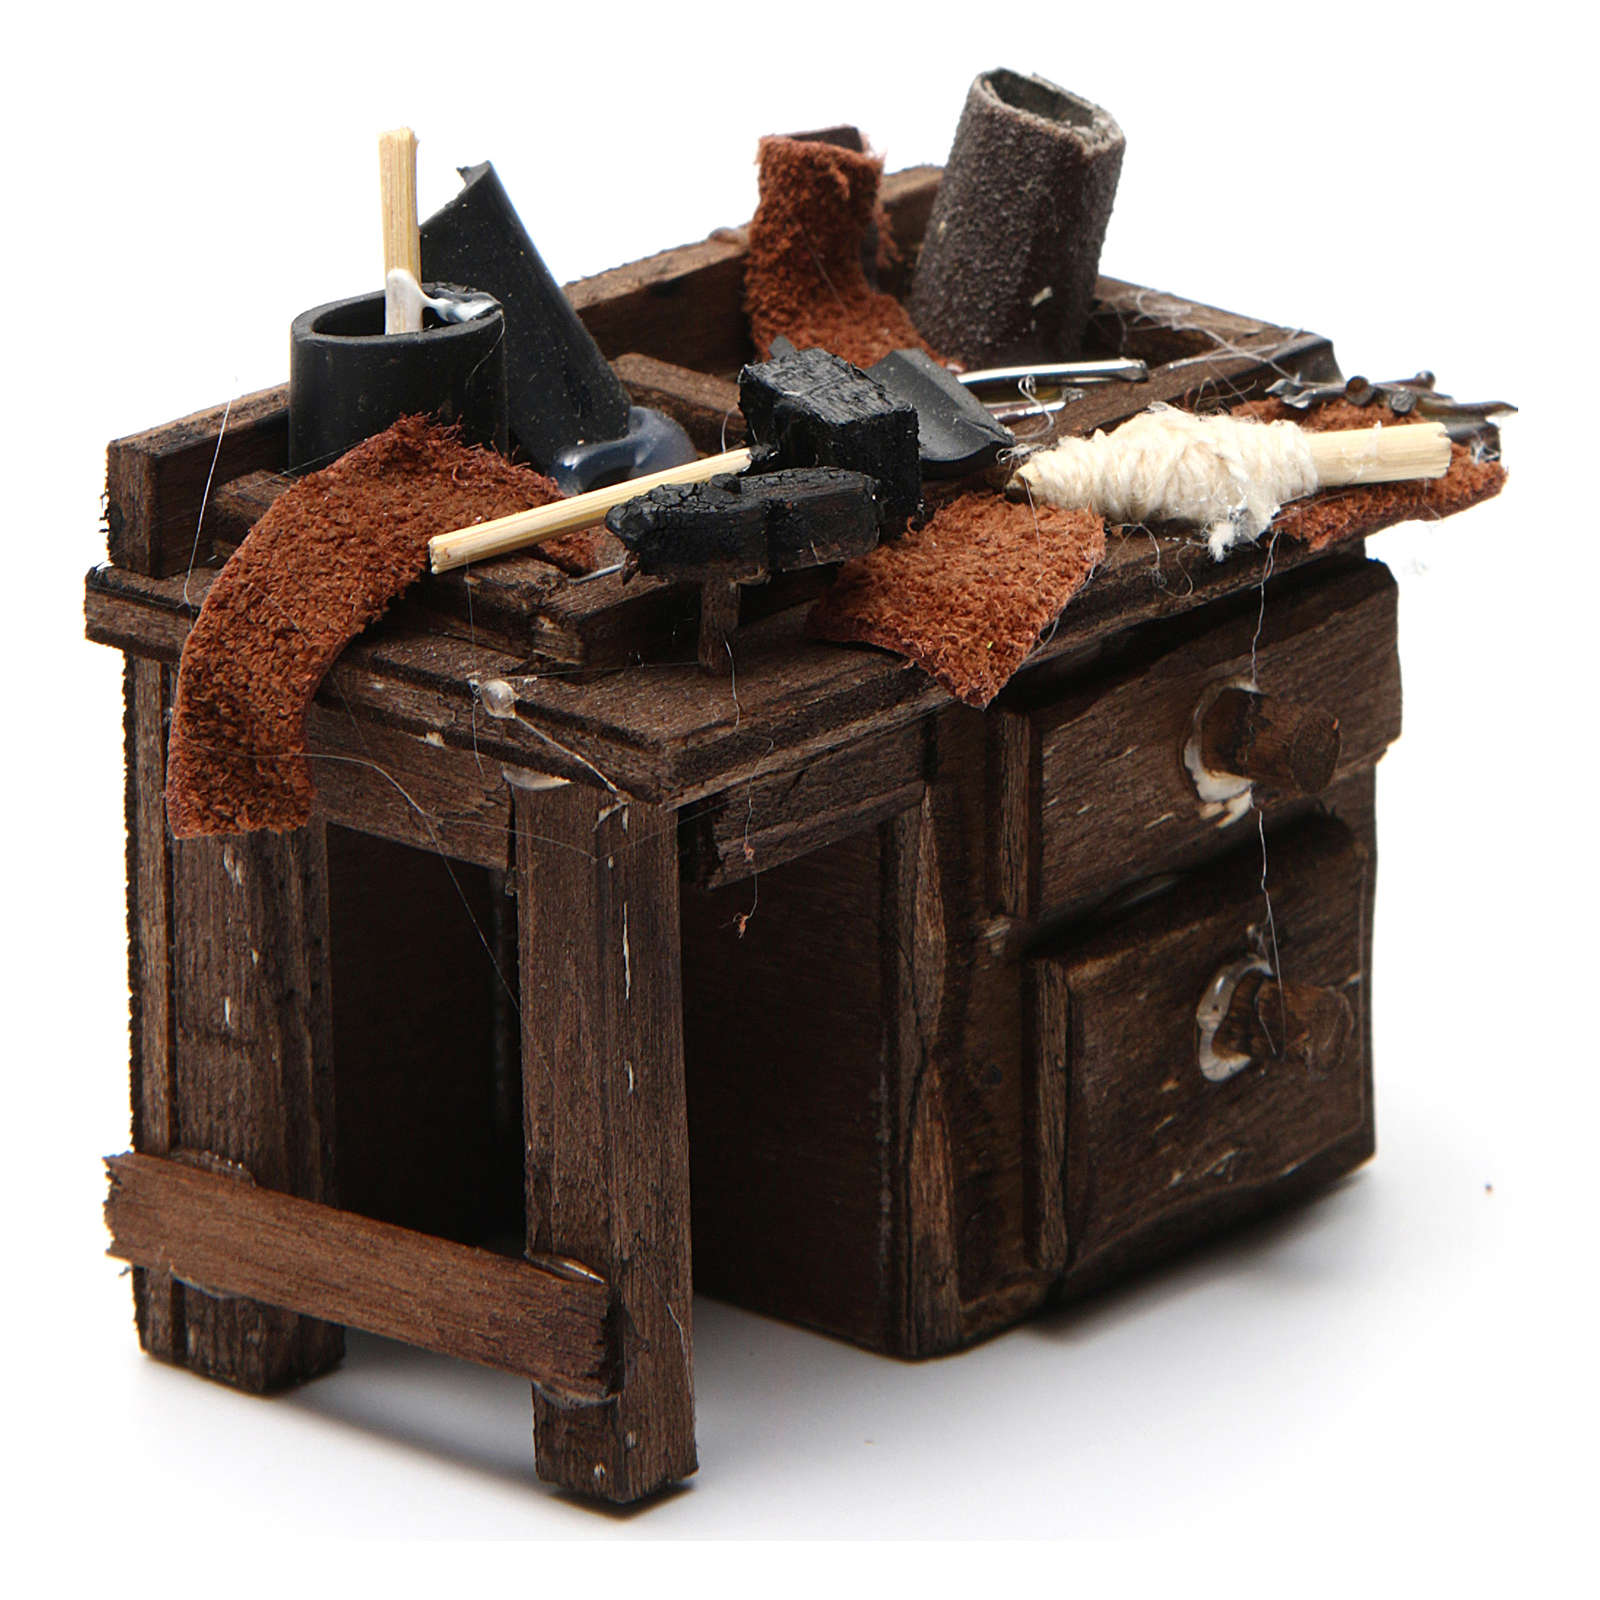 Mostrador del zapatero belén napolitano 5,5x9,5x5 cm 4